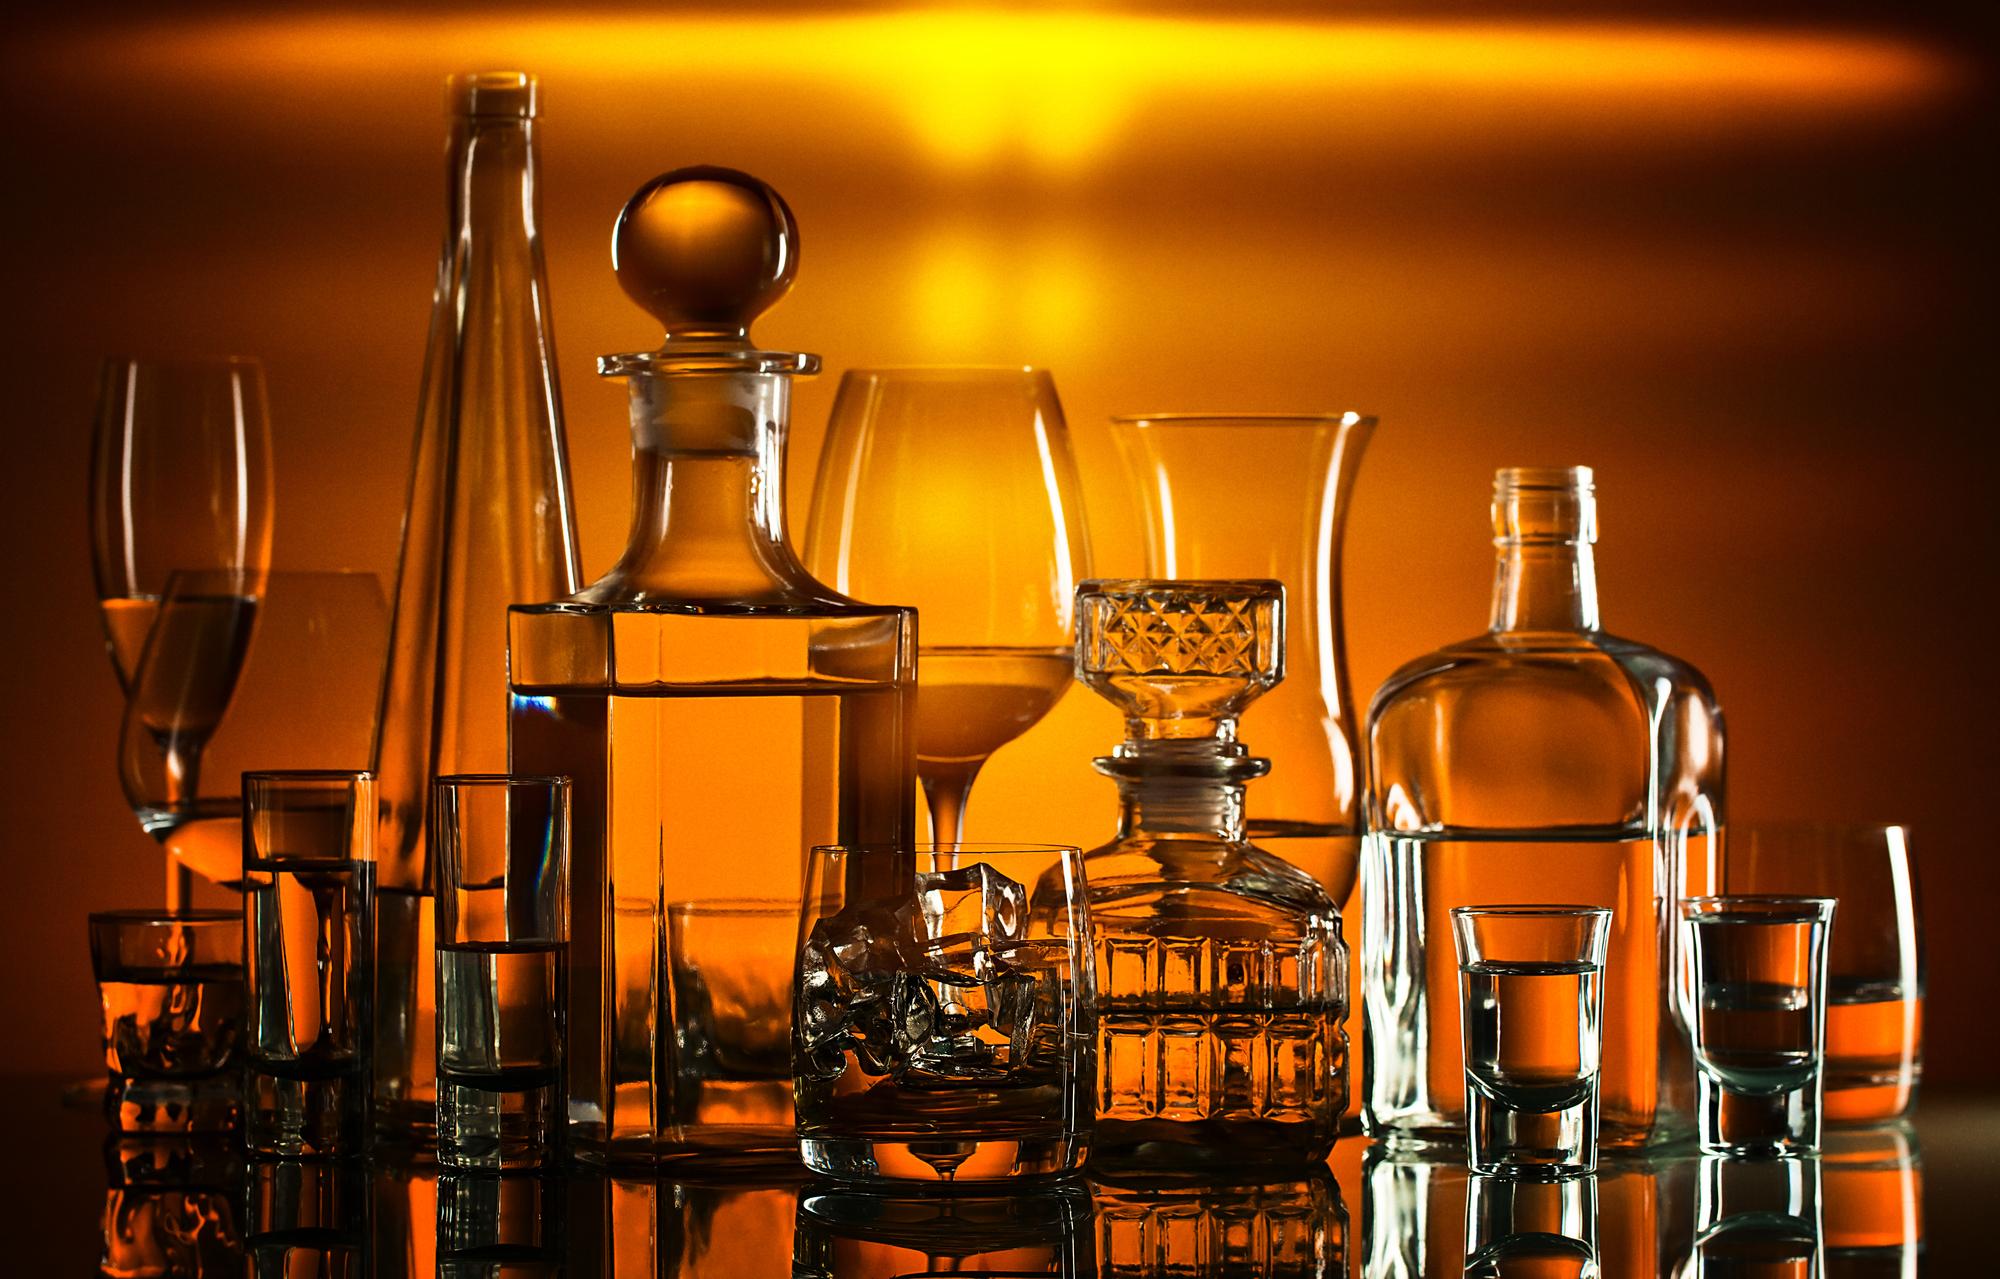 ウイスキーはボトル縦置きでラベルも見える